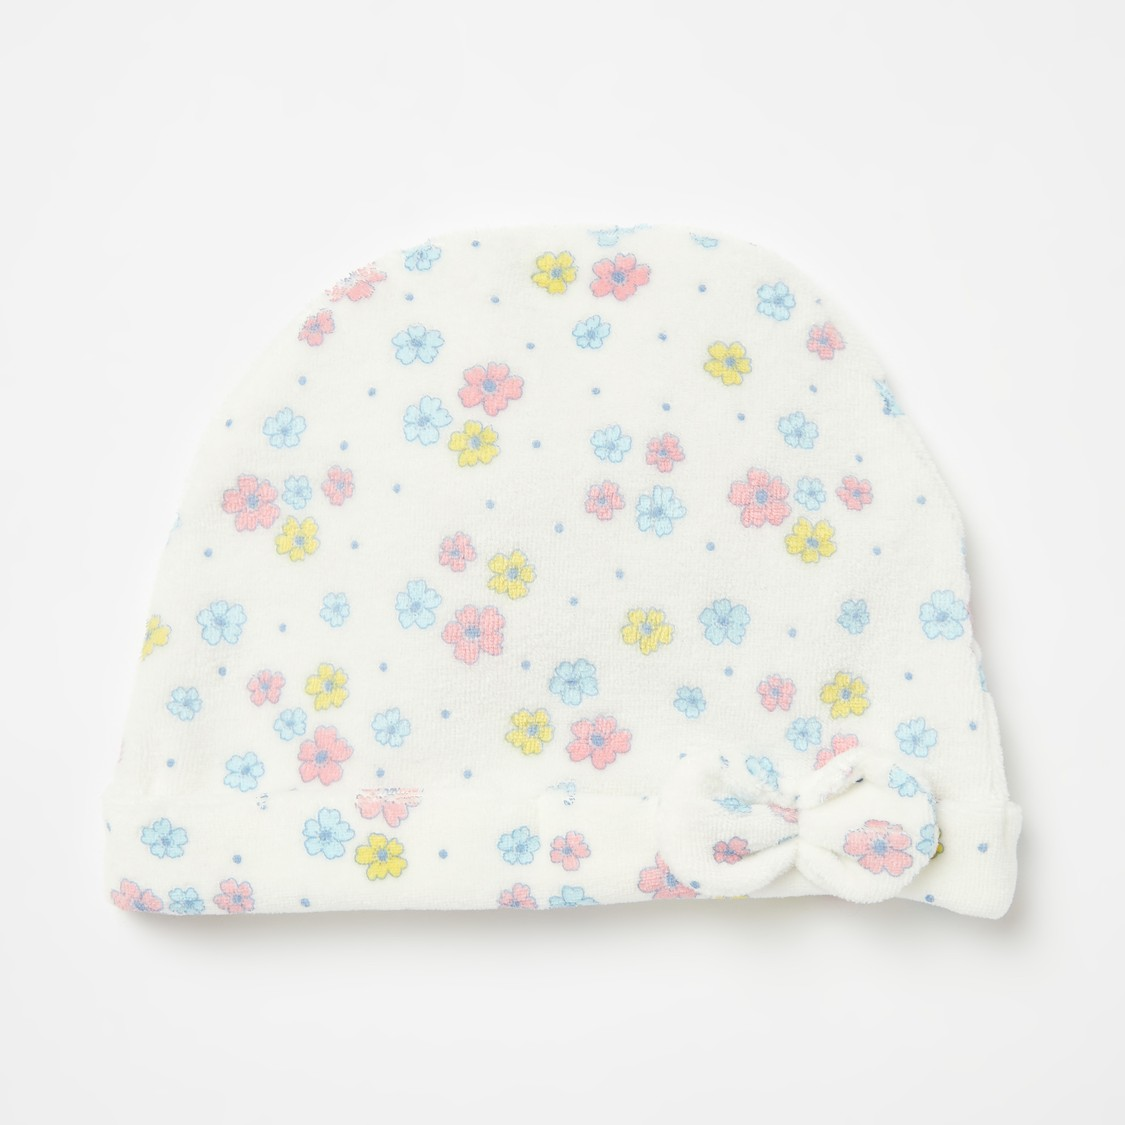 طقم نوم بقبعة و بأقدام مفتوحة وطبعات أزهار